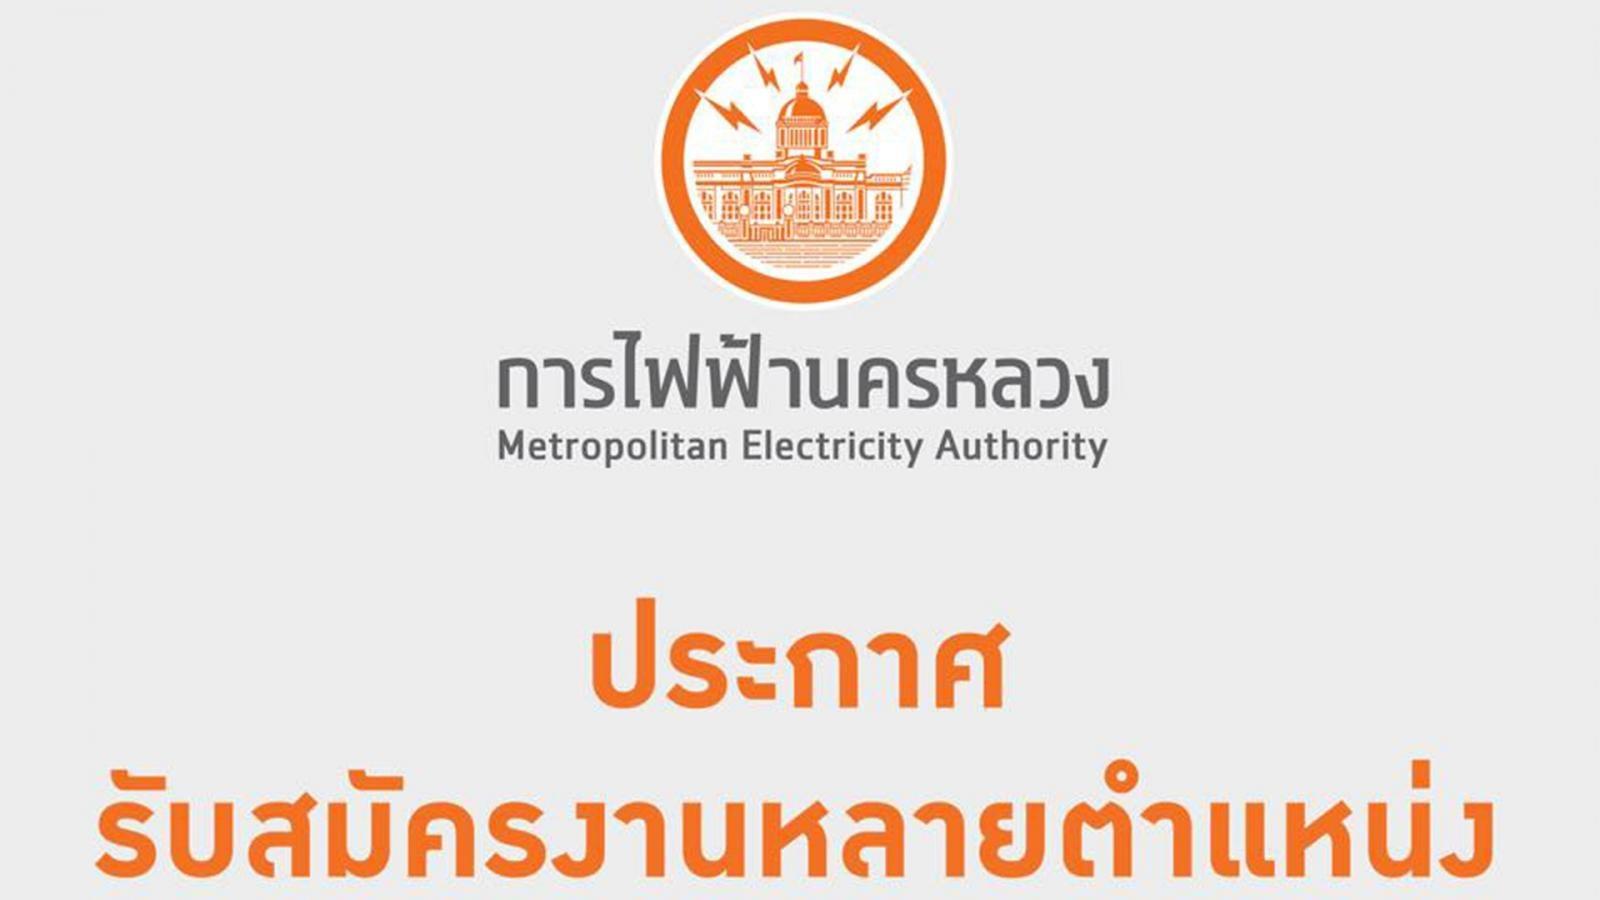 การไฟฟ้านครหลวง (กฟน.) เปิดรับสมัครสอบคัดเลือกเพื่อบรรจุเป็นพนักงาน จำนวน 17 คุณวุฒิ รวม 95 อัตรา